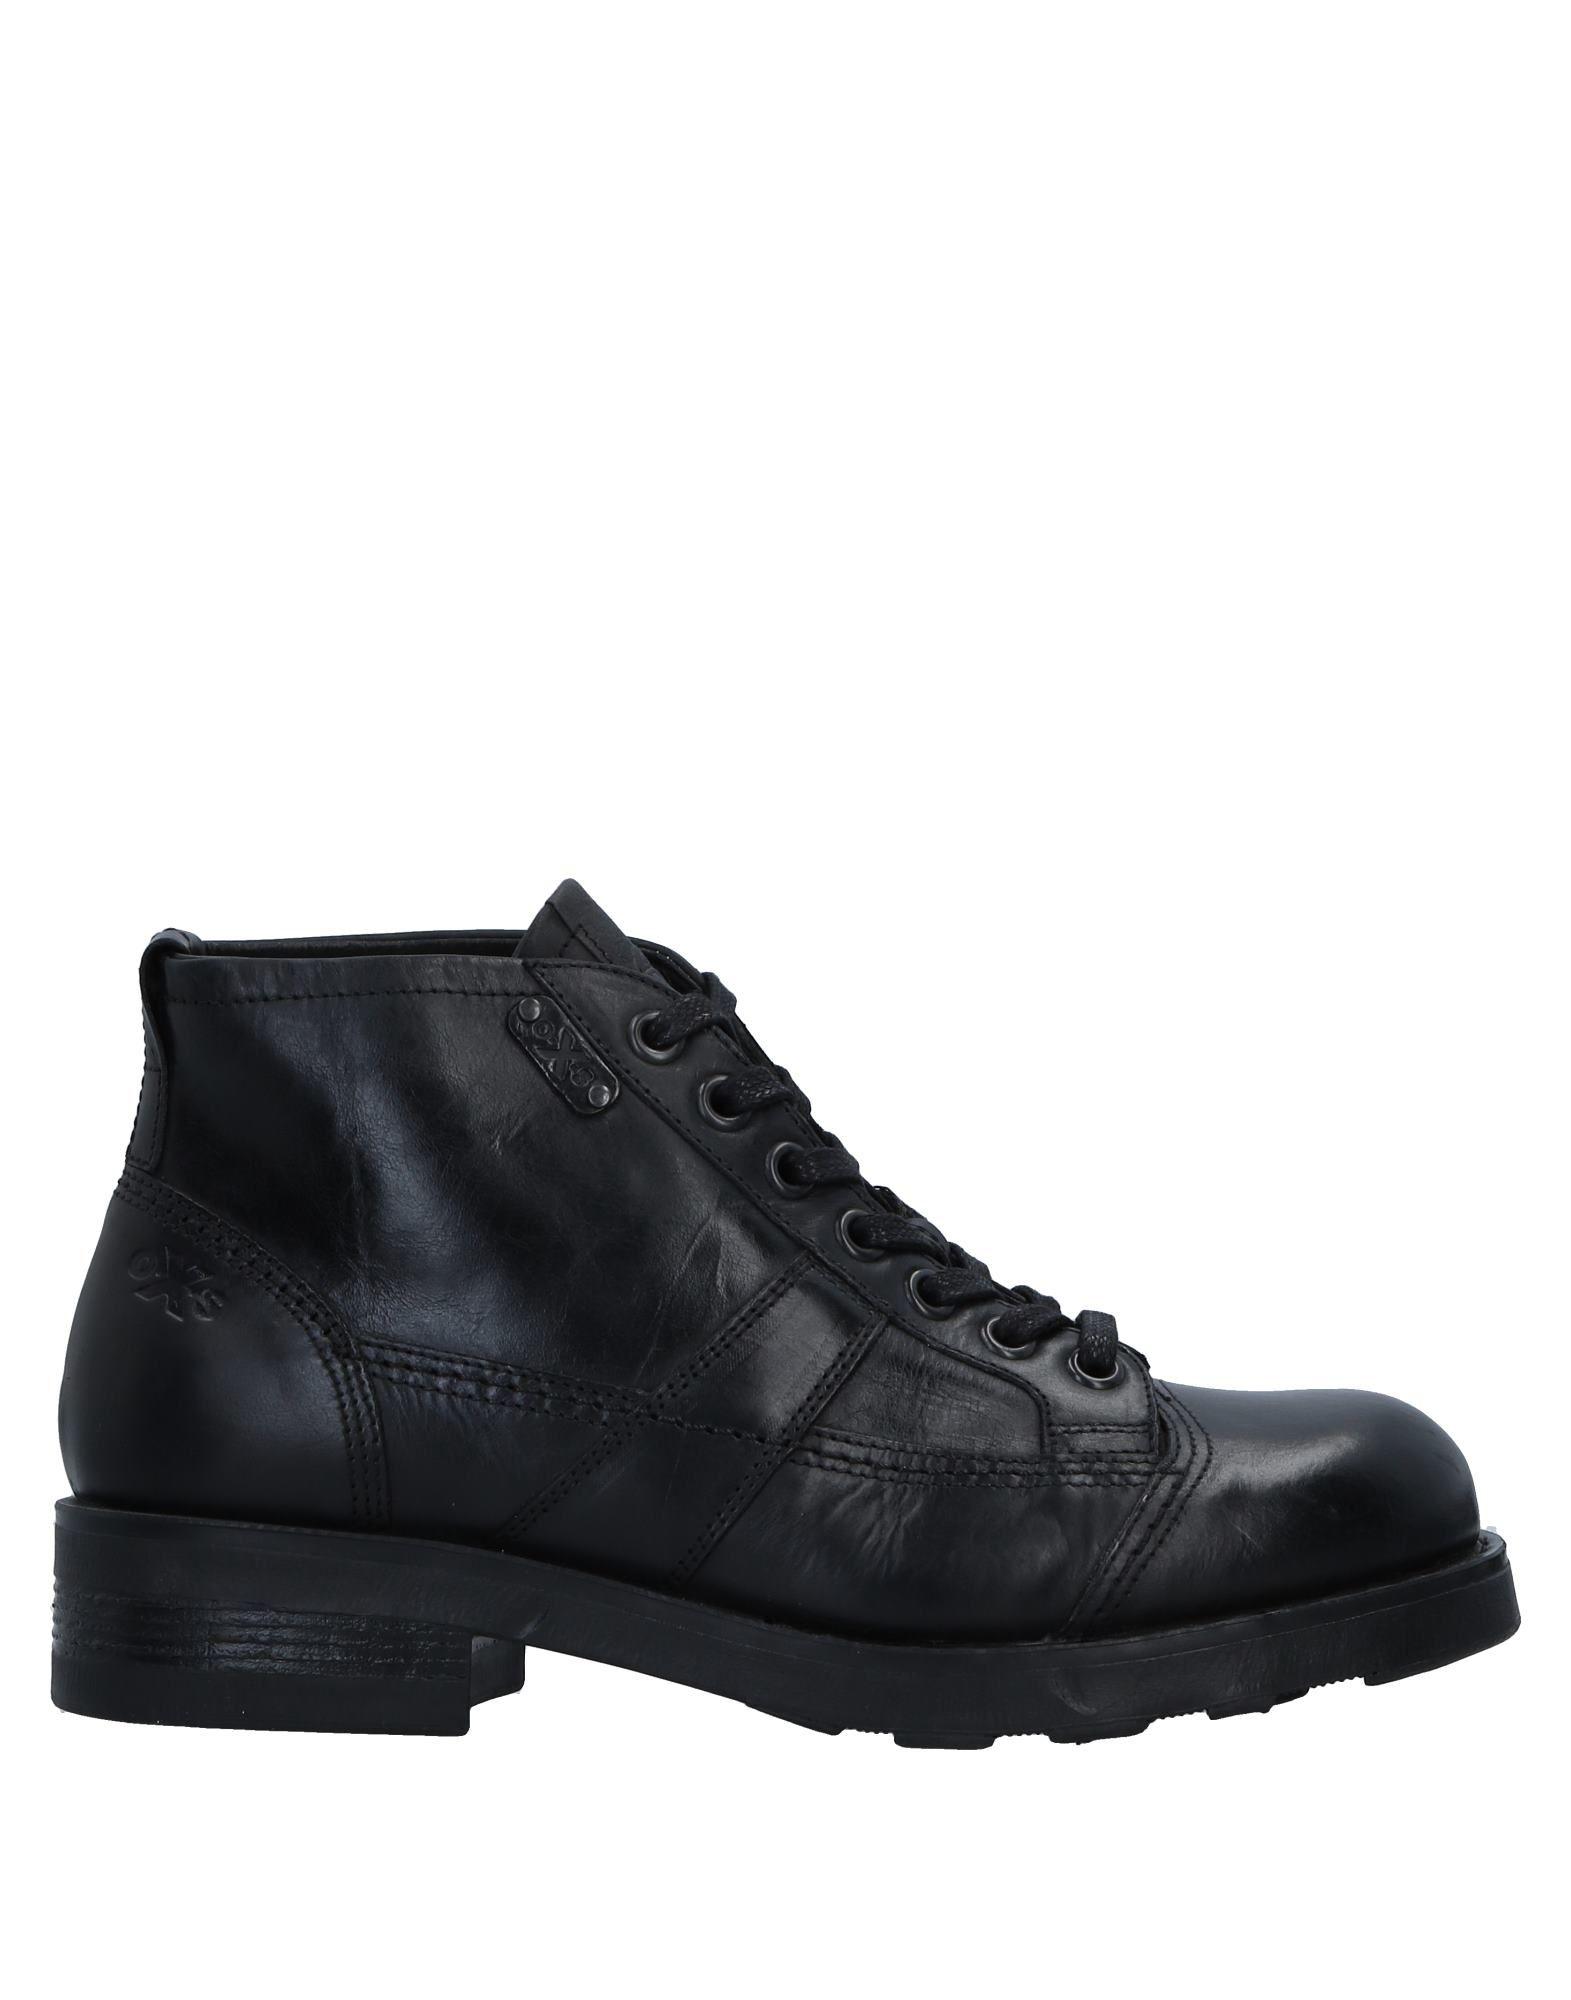 O.X.S. Stiefelette Herren  11533251TH Gute Qualität beliebte Schuhe